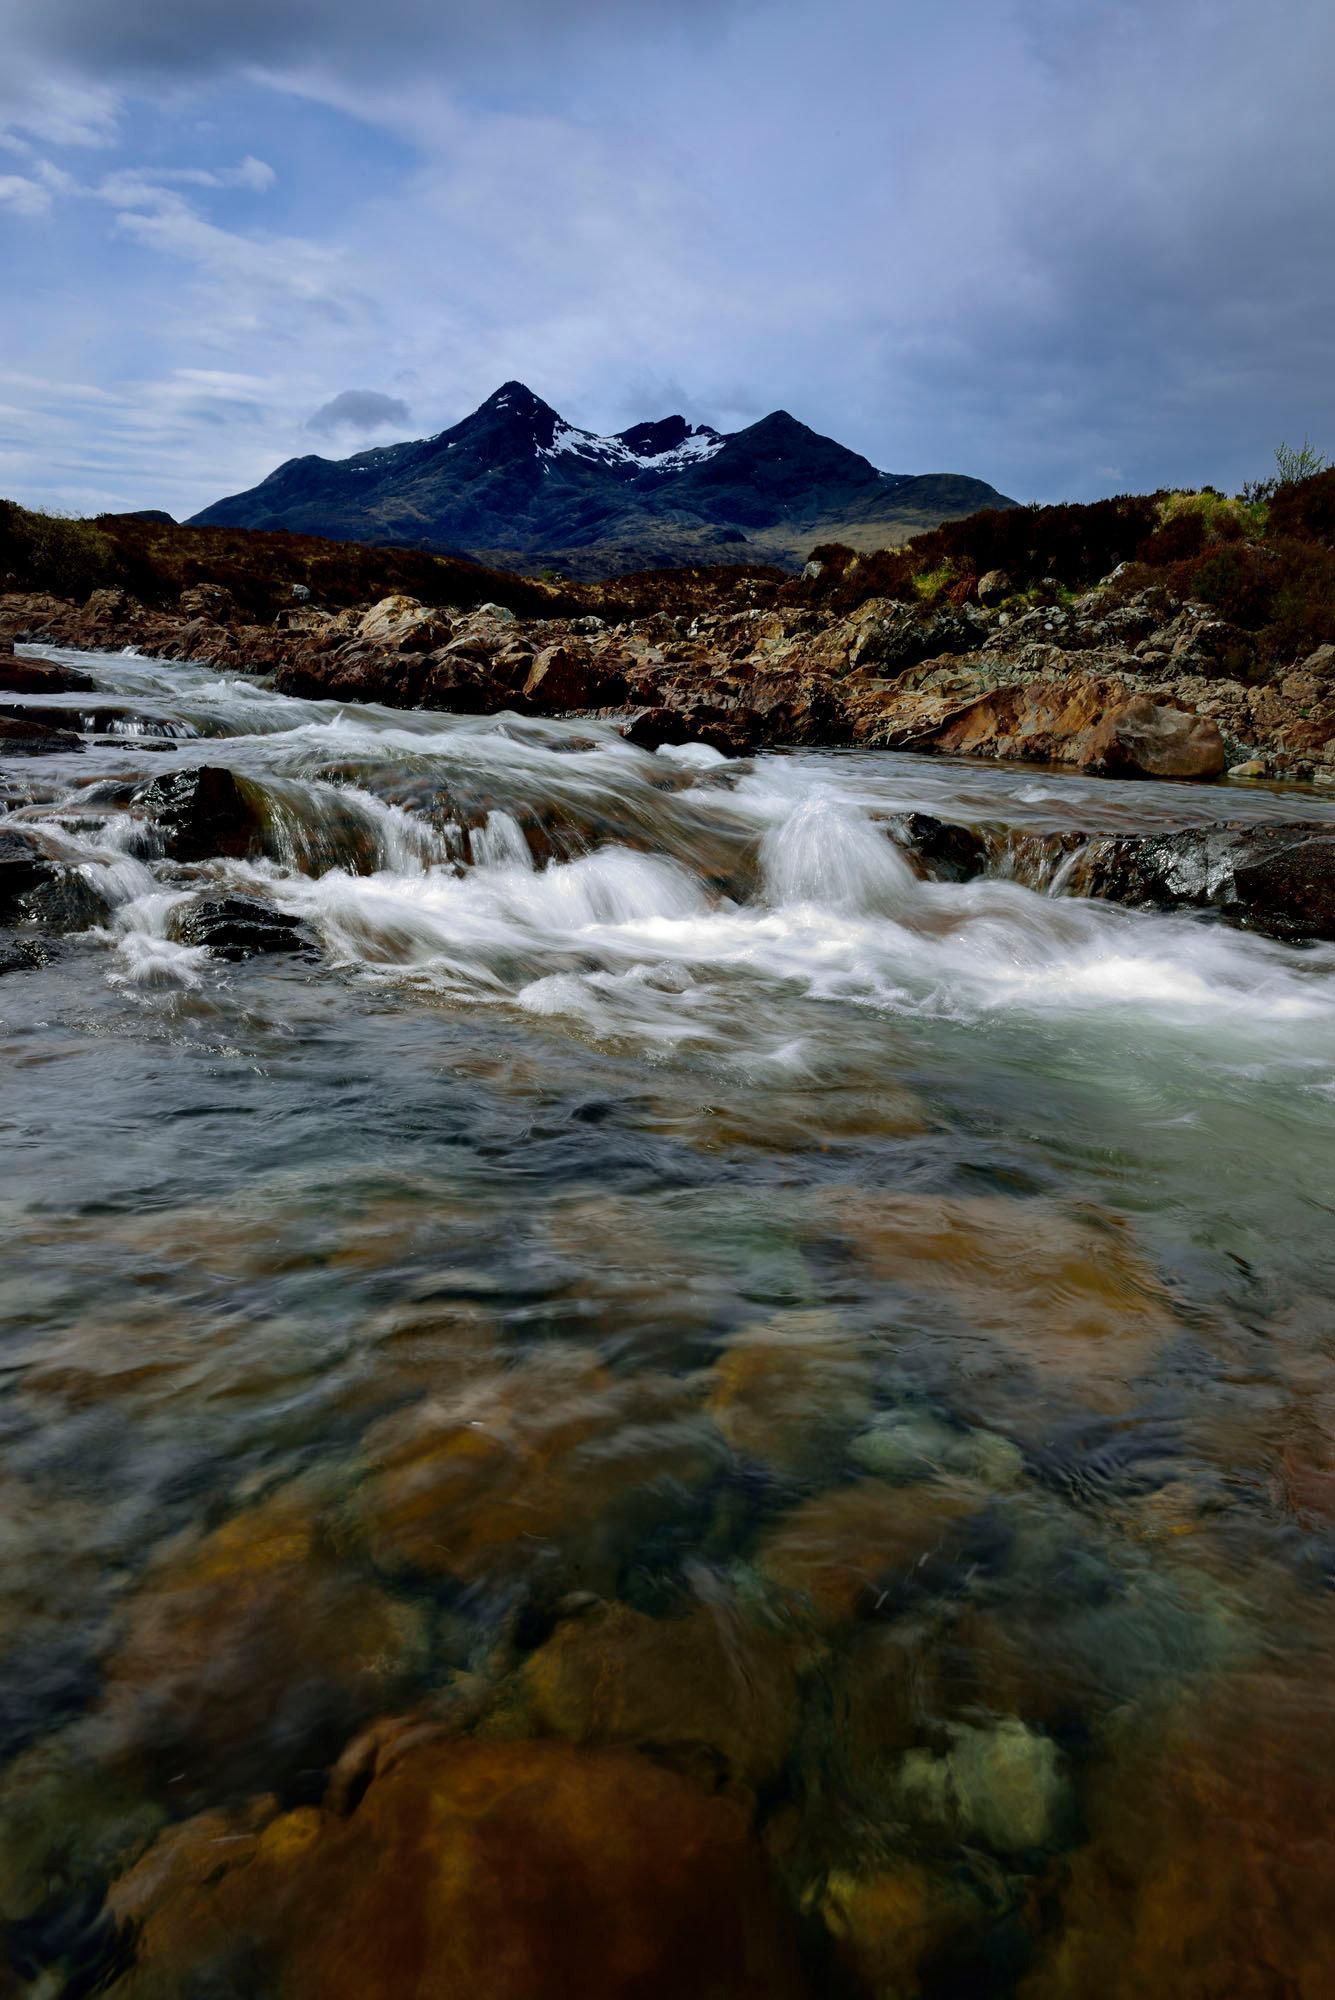 Les Cuillins, Sligachan, île de Skye